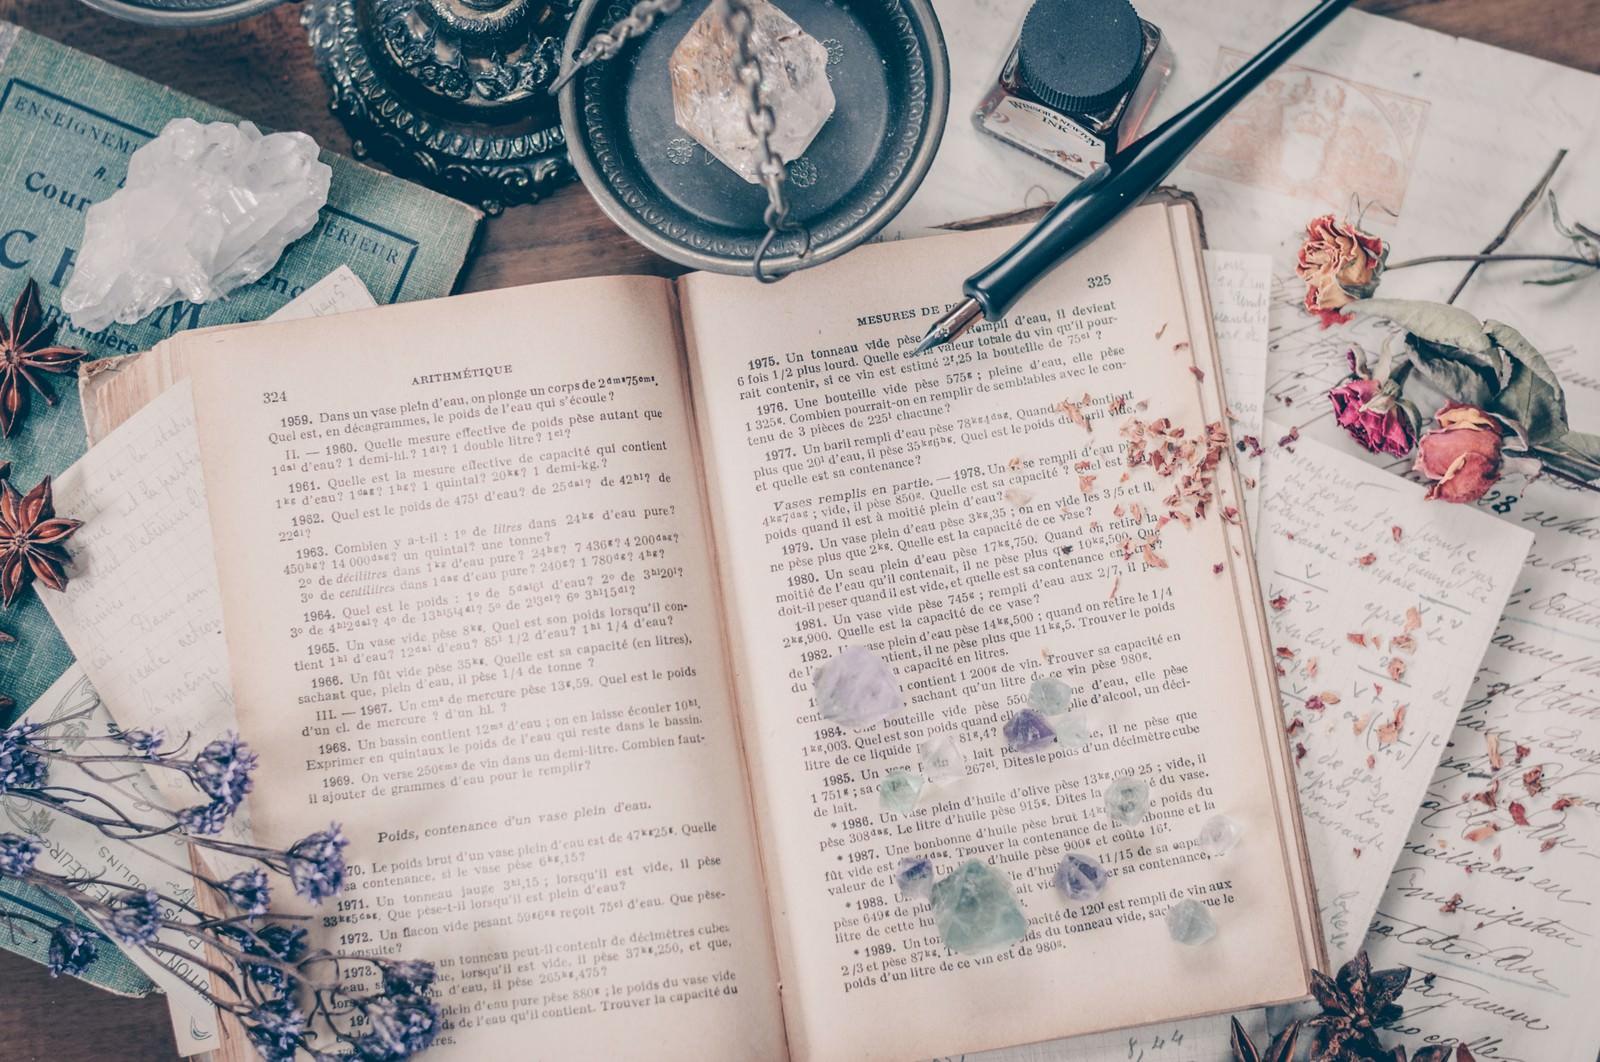 「洋書が置かれた魔女の机洋書が置かれた魔女の机」のフリー写真素材を拡大